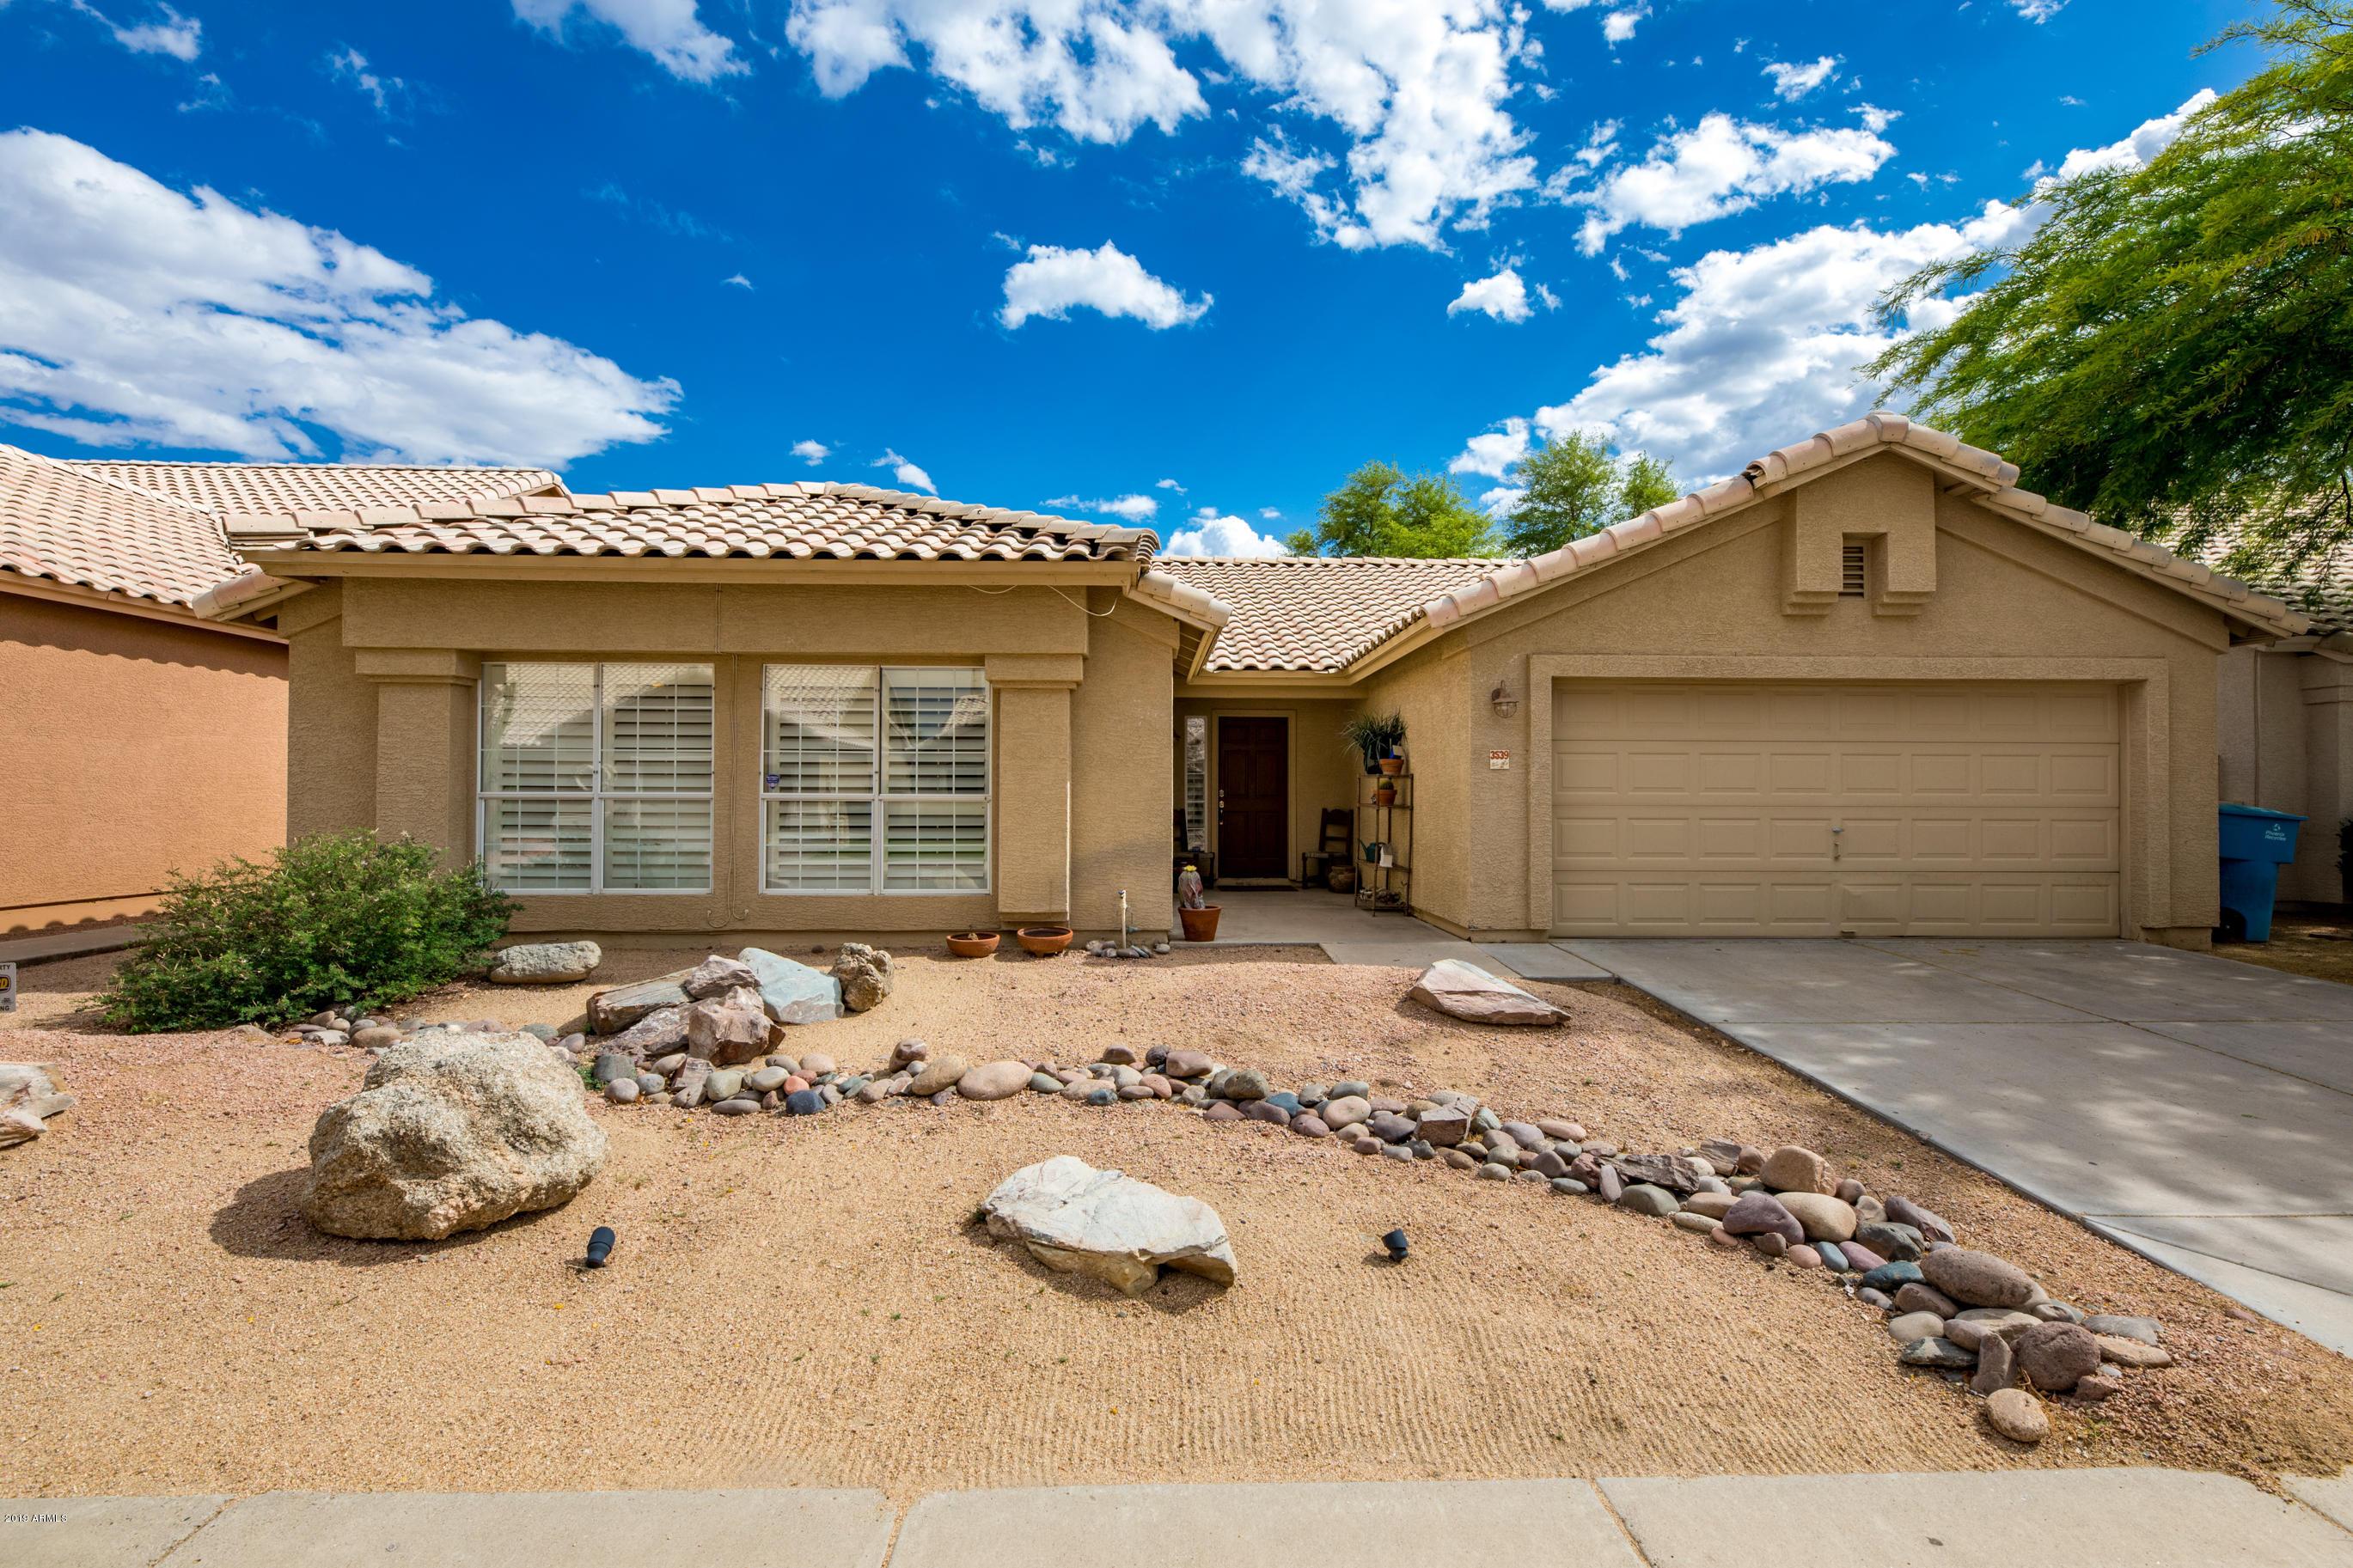 MLS 5923545 3539 E ROCKWOOD Drive, Phoenix, AZ 85050 Phoenix AZ Short Sale